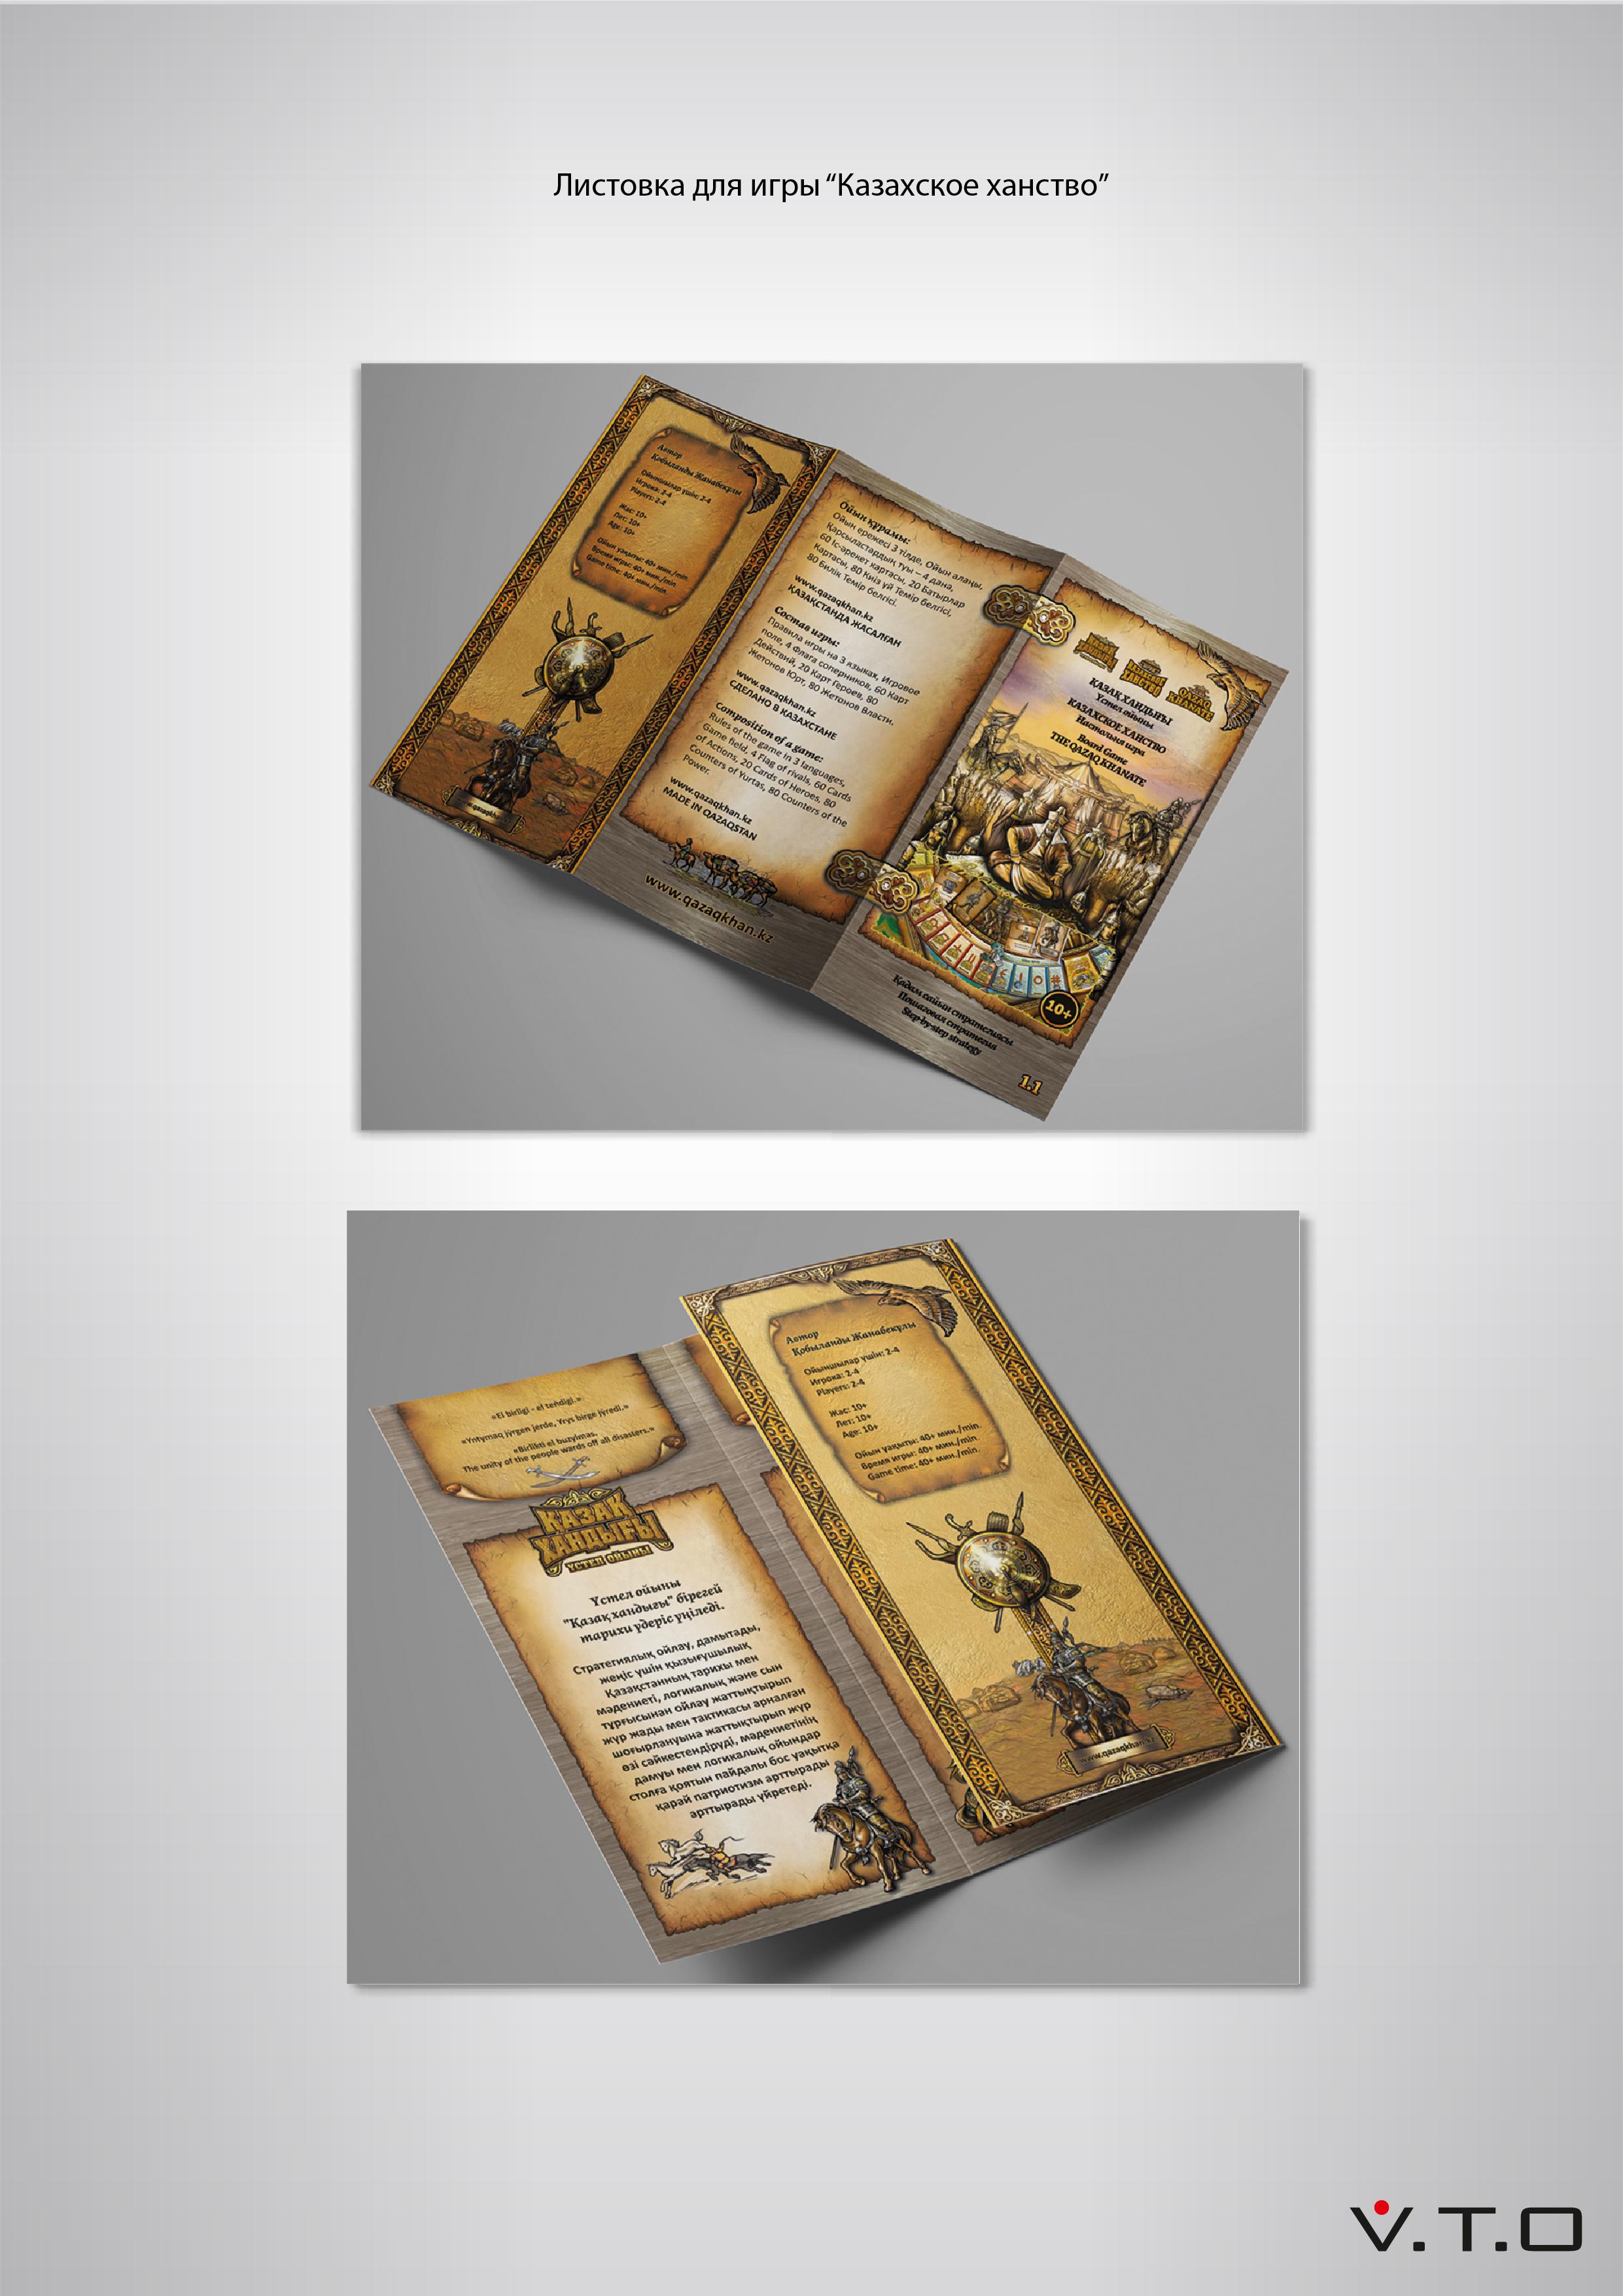 листовка, настольная игра, казахское ханство